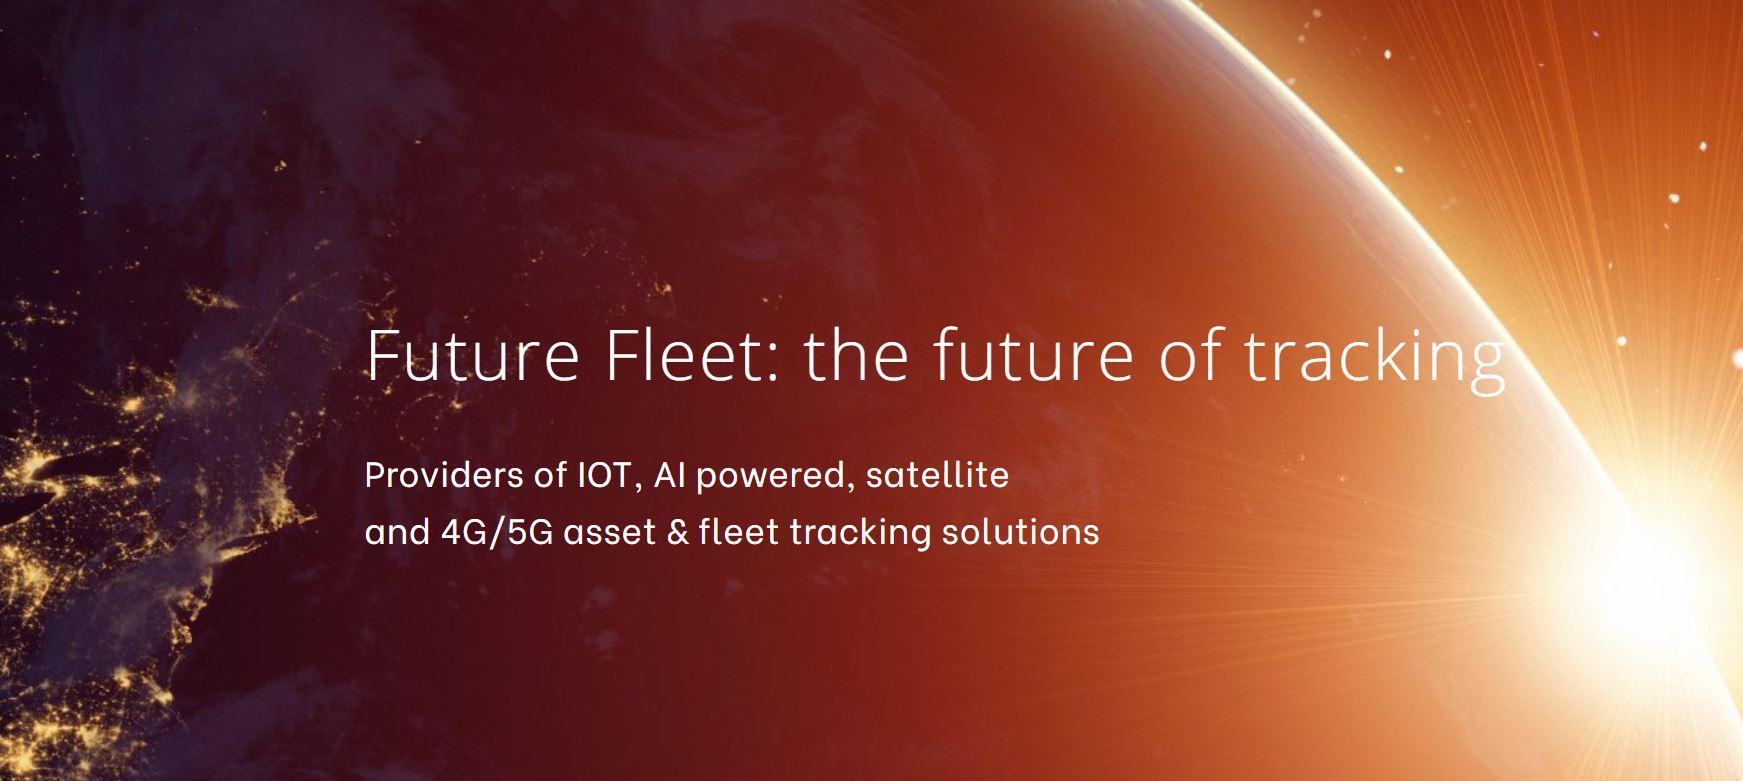 Future Fleet